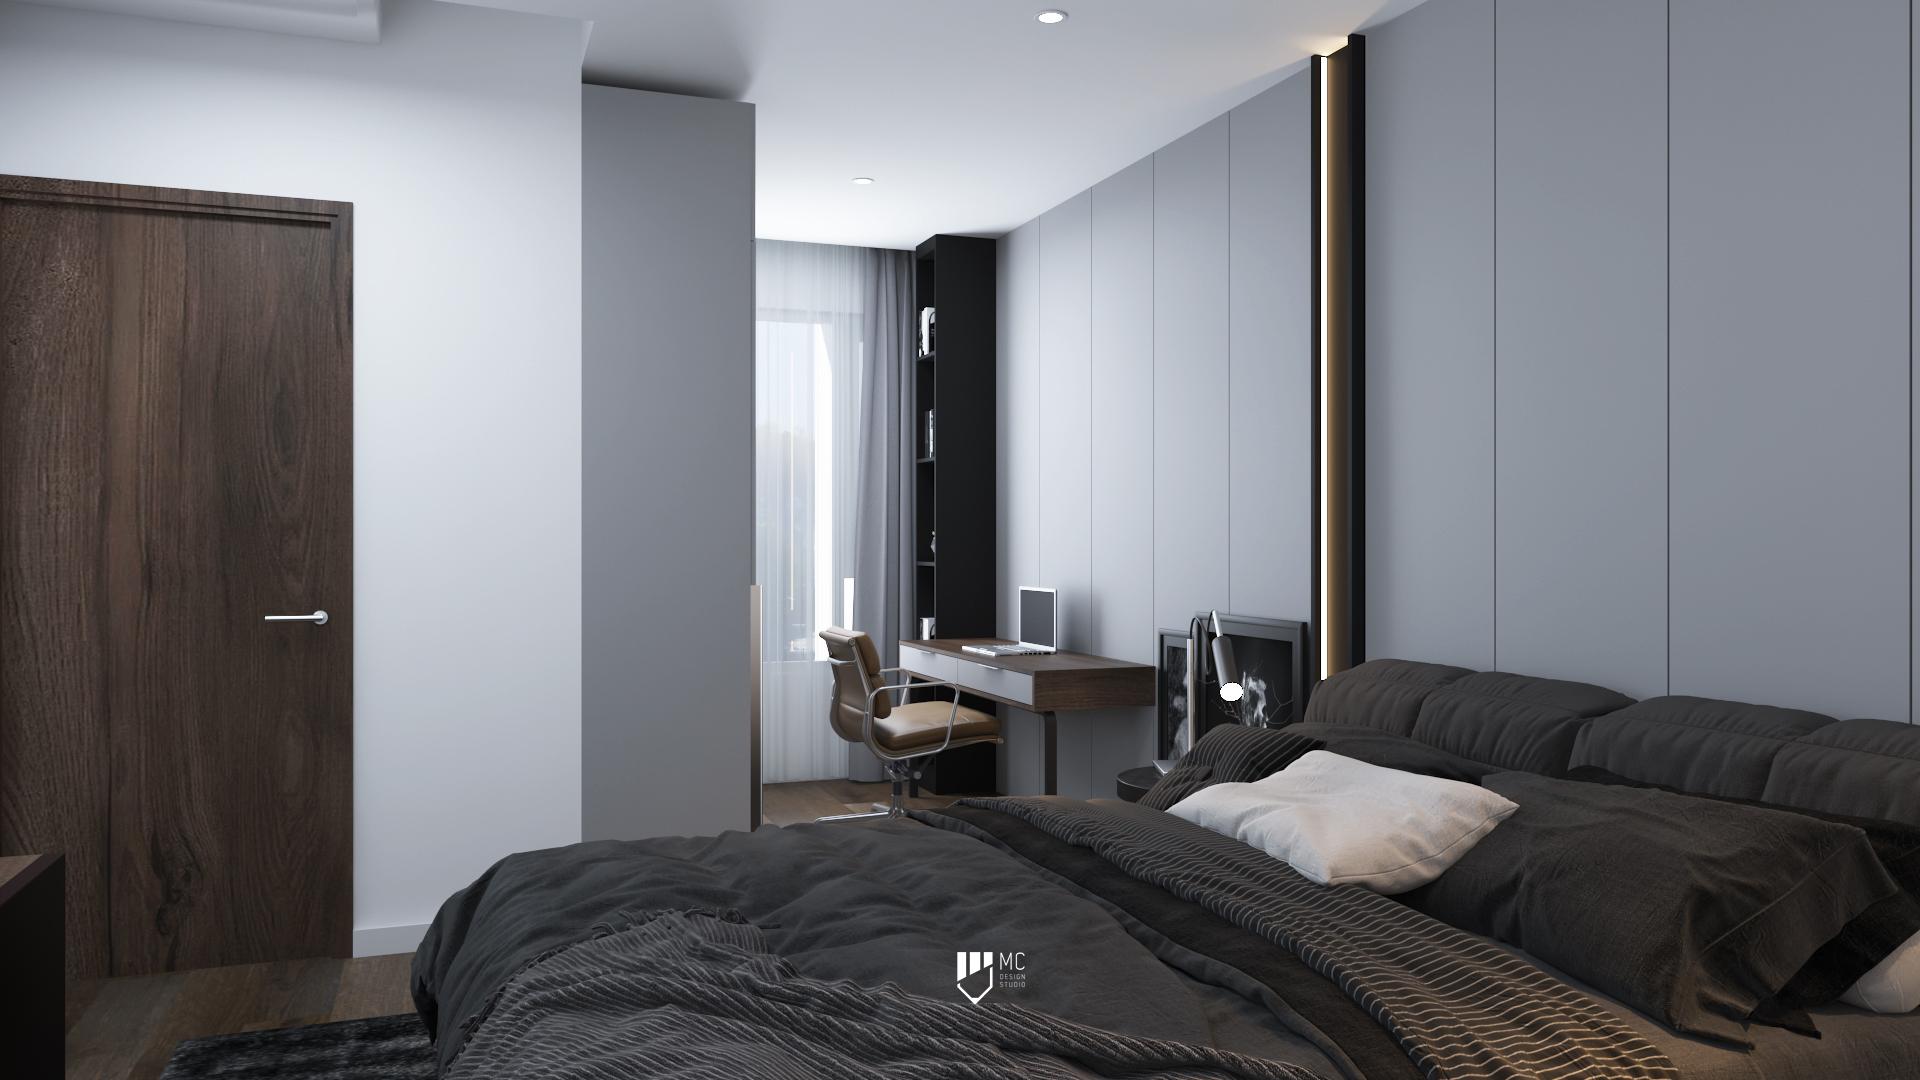 Thiết kế nội thất Chung Cư tại Hồ Chí Minh THE VIEW - DUPLEX 1588586561 9